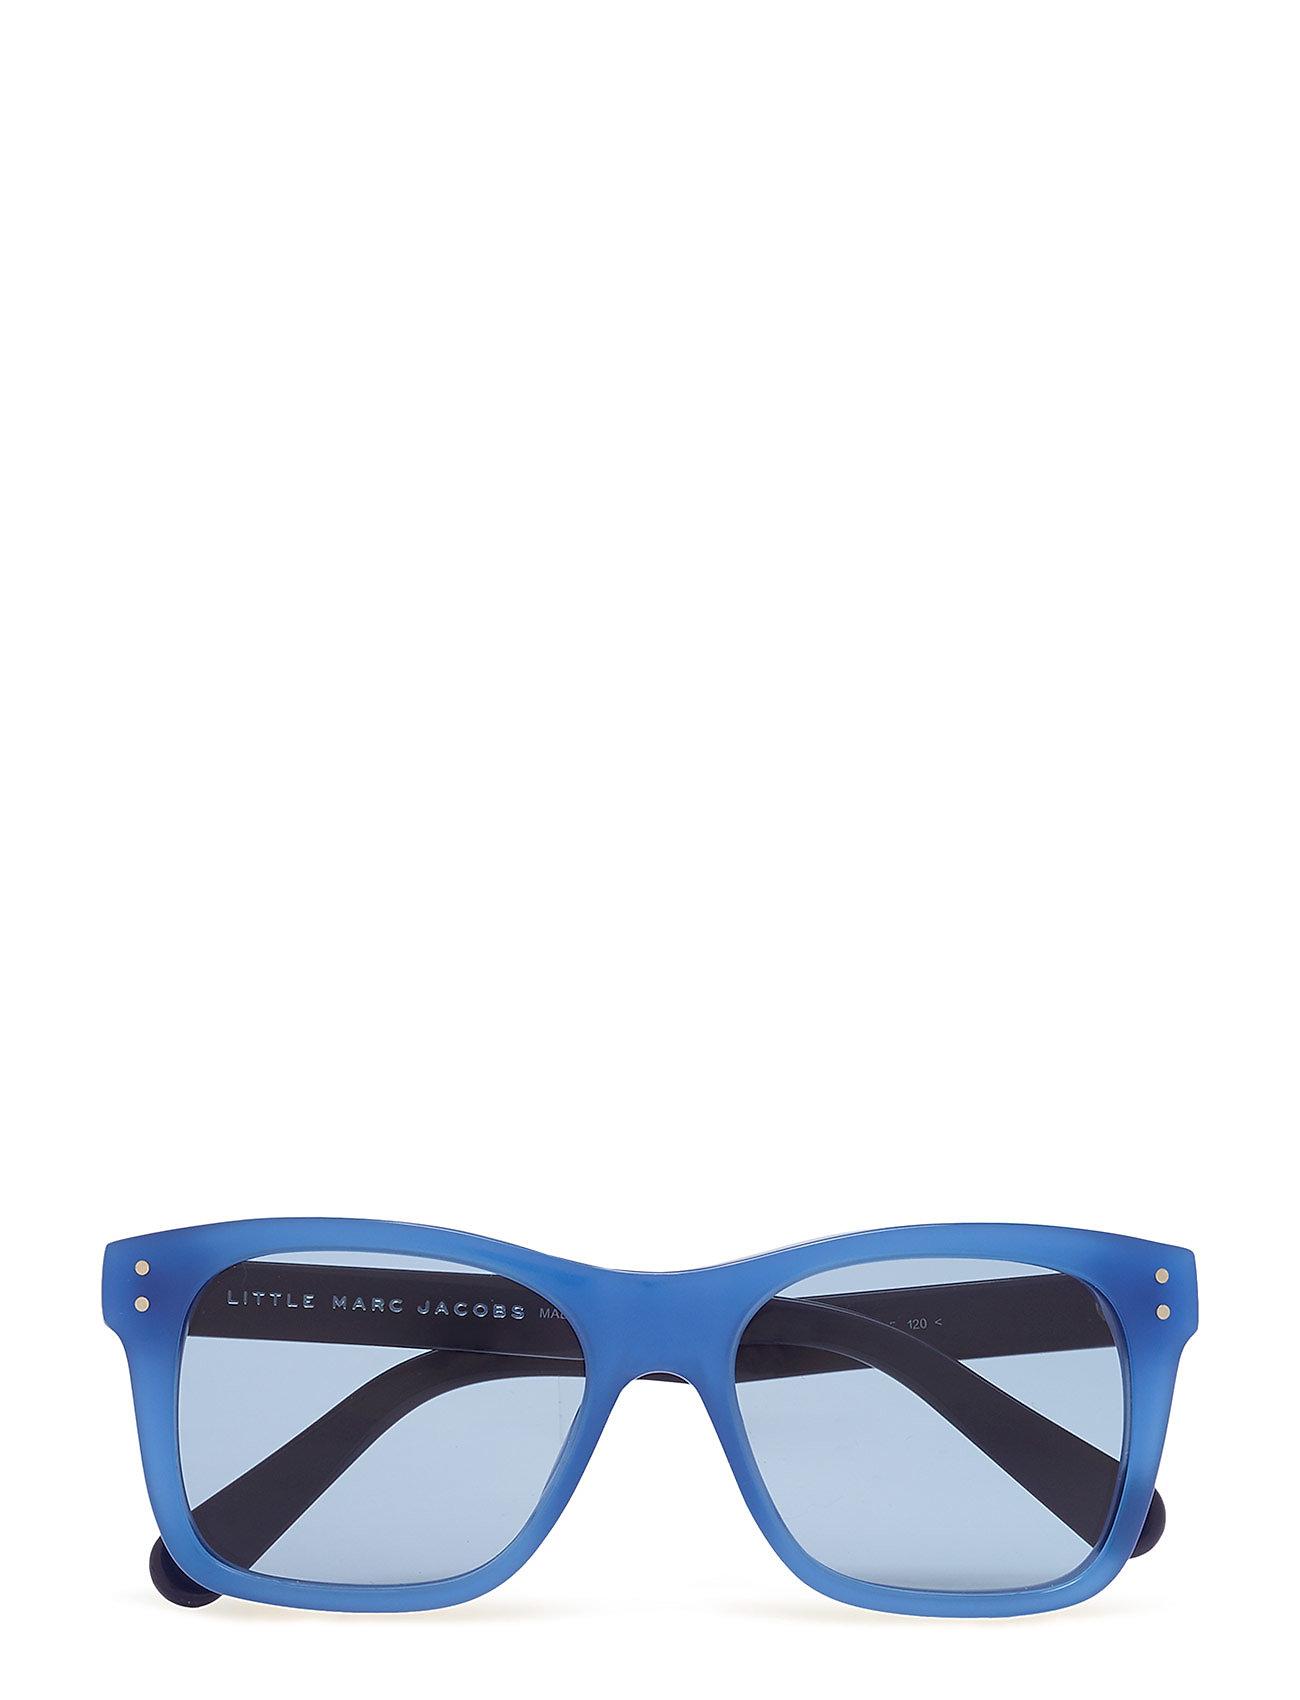 Little Marc Jacobs Sunglasses MJ 612/S